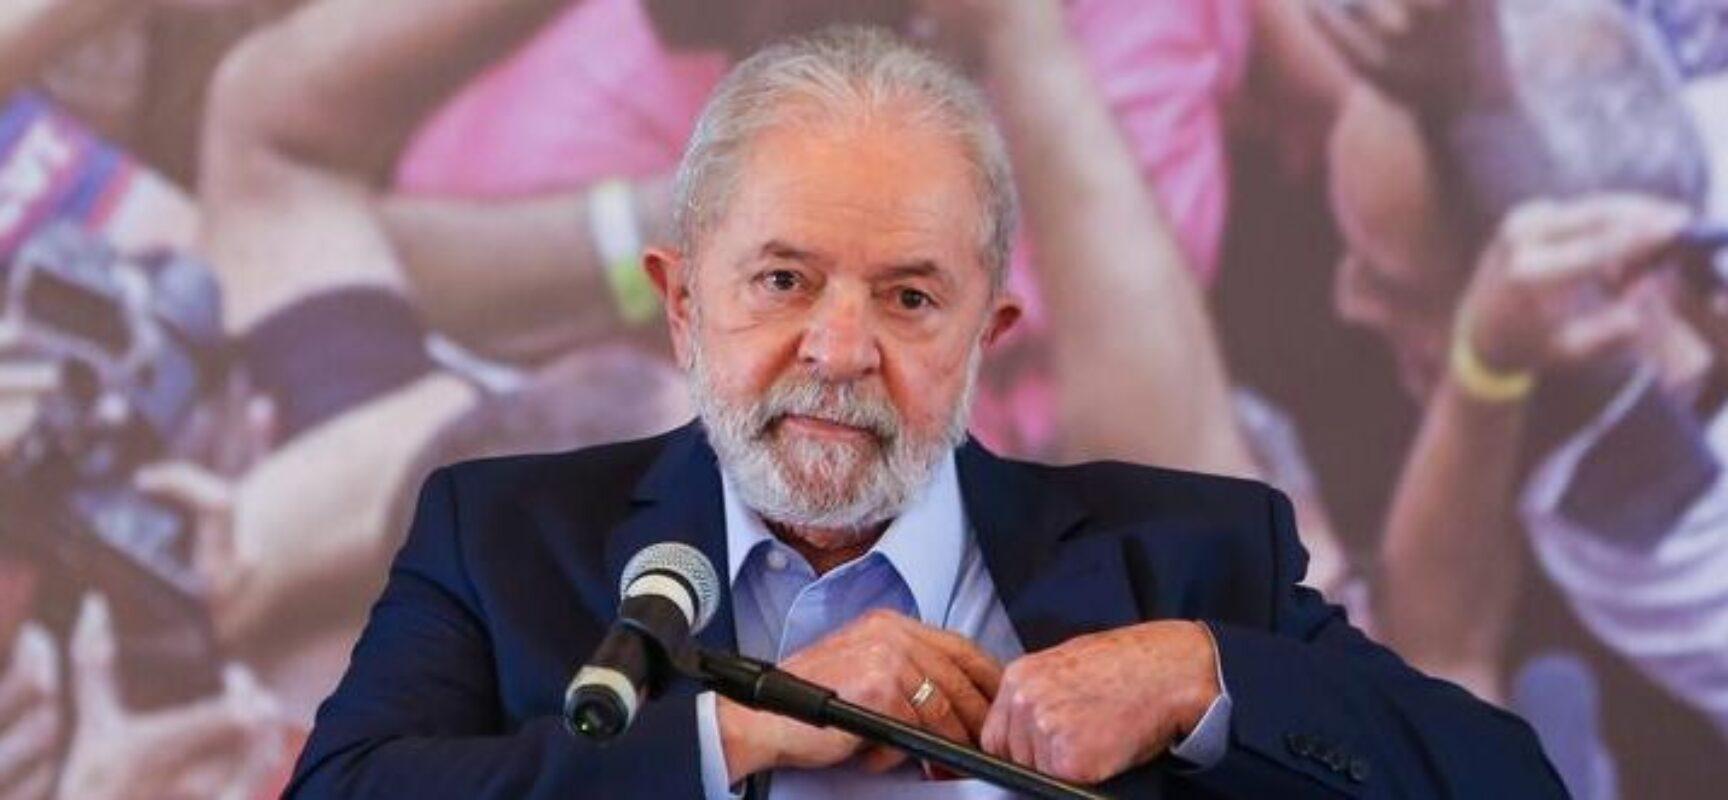 Justiça Federal do DF rejeita denúncia contra Lula no caso do sítio de Atibaia